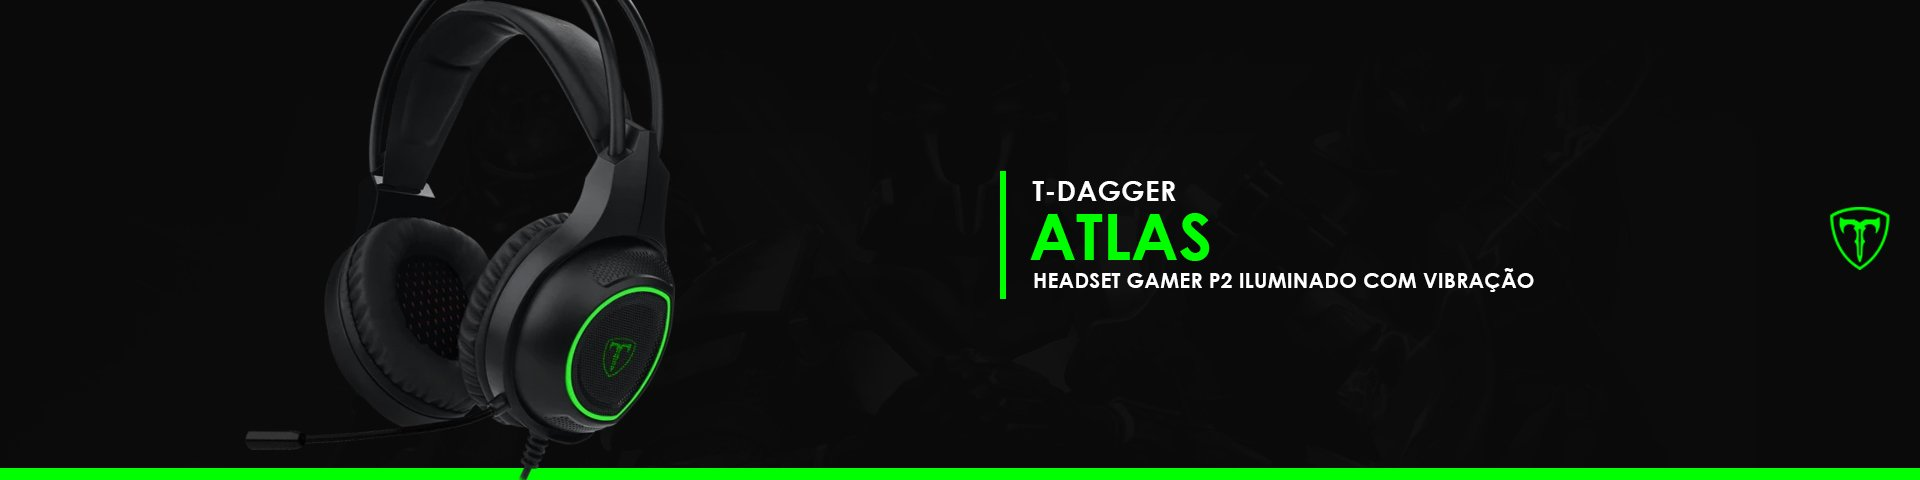 Aguce seus sensos com o T-Dagger Atlas